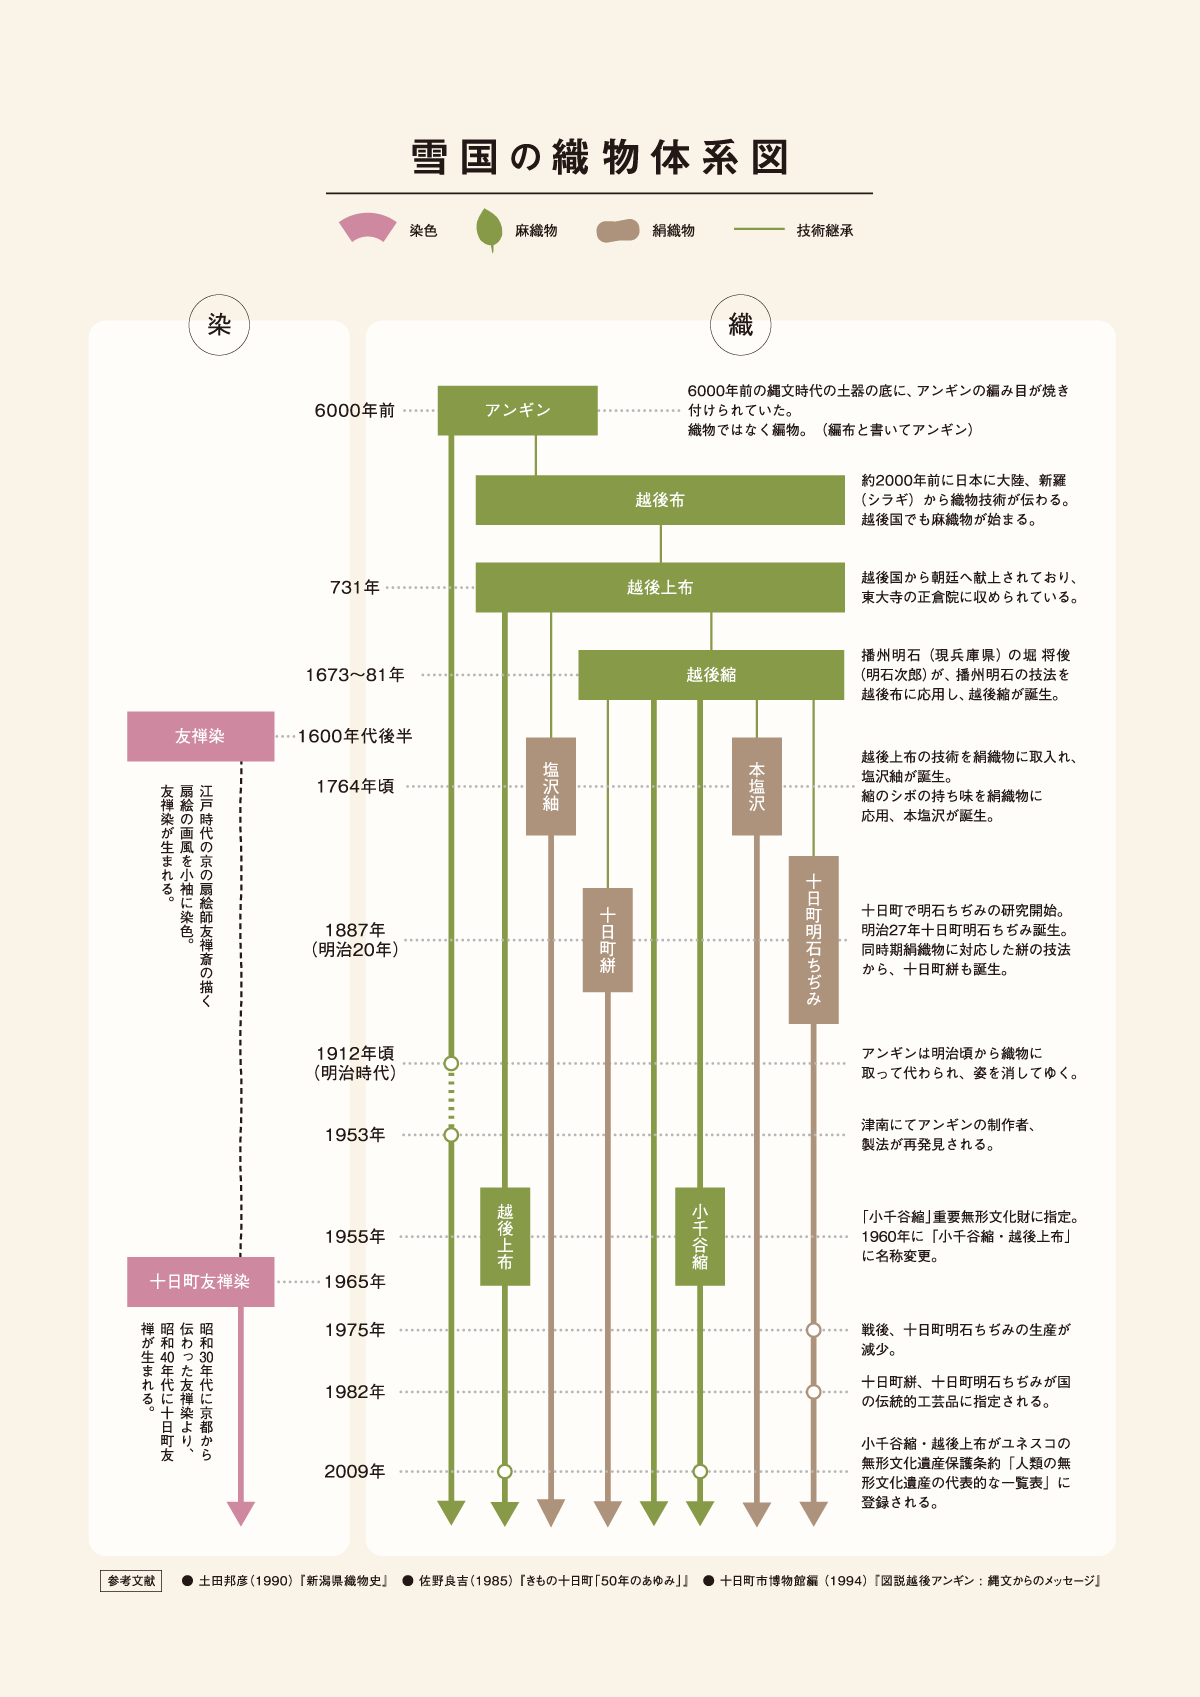 雪国の織物体系図